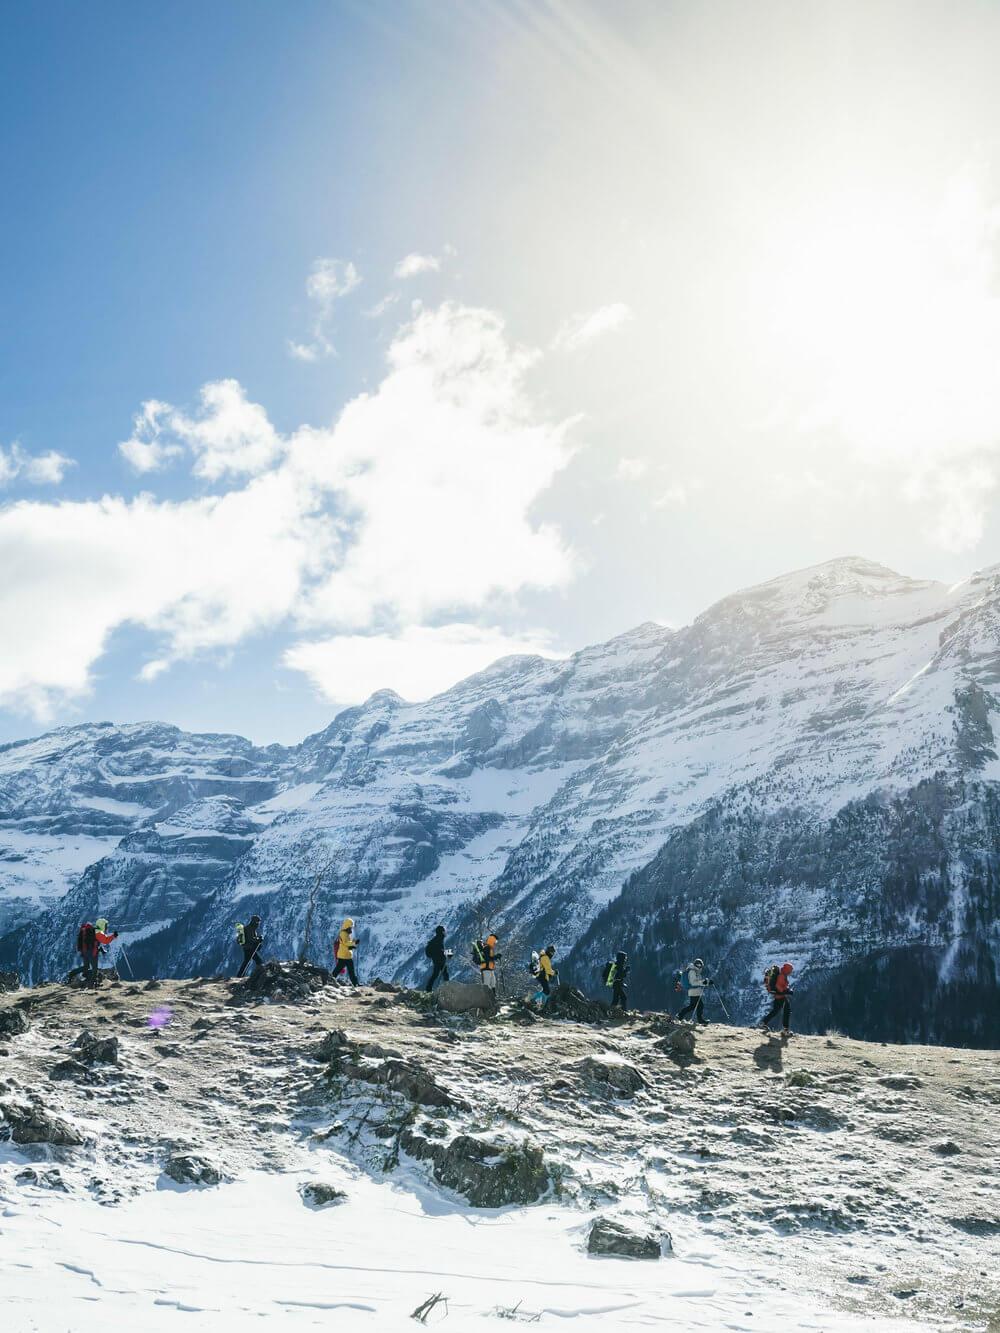 Rodeando las montañas de la Vall d'Aran | Foto: Álvaro Sanz